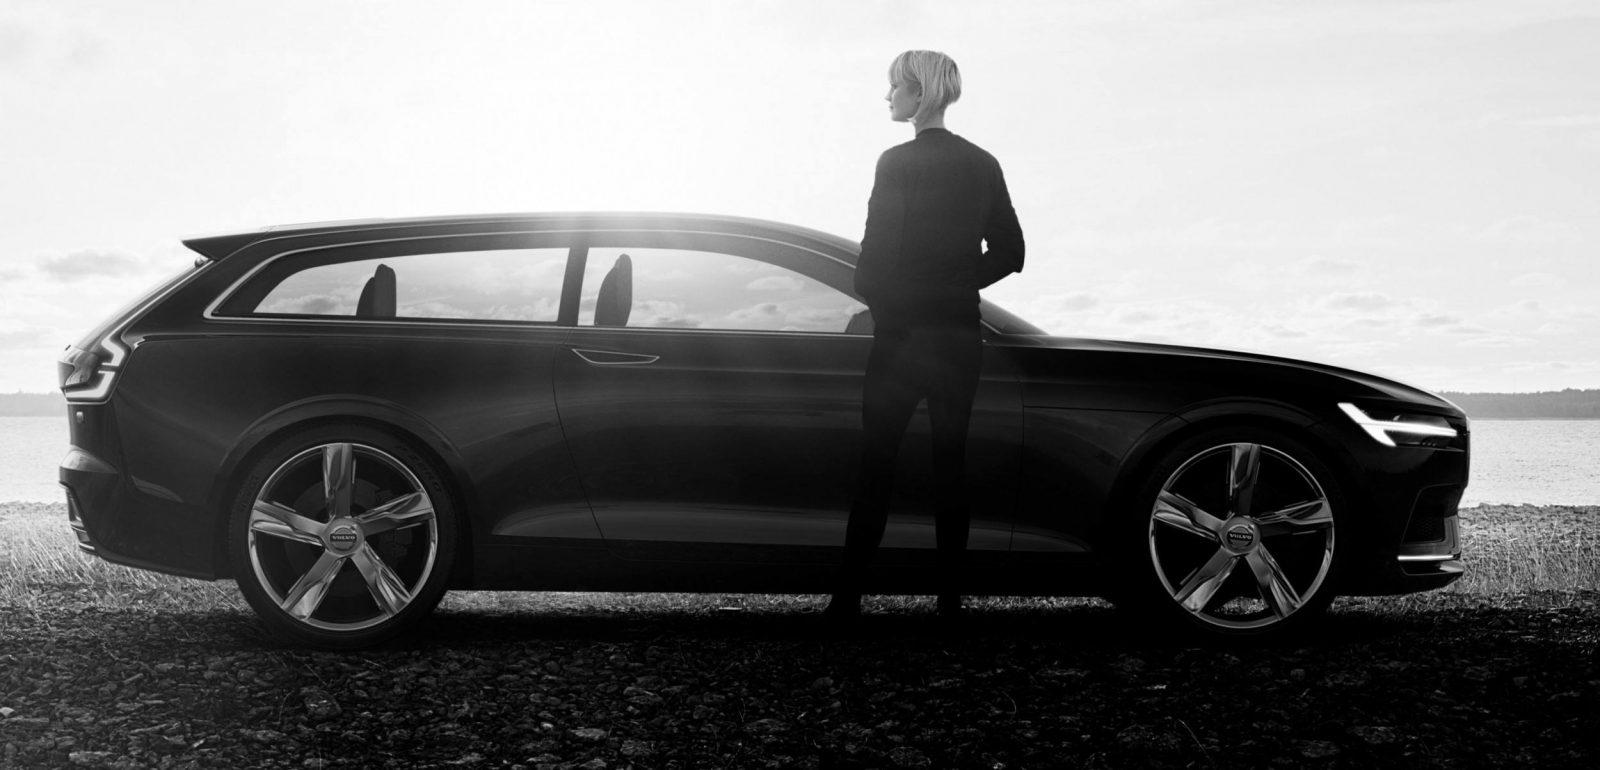 Concept Estate Confirms It! Volvo's New Design Lead Th